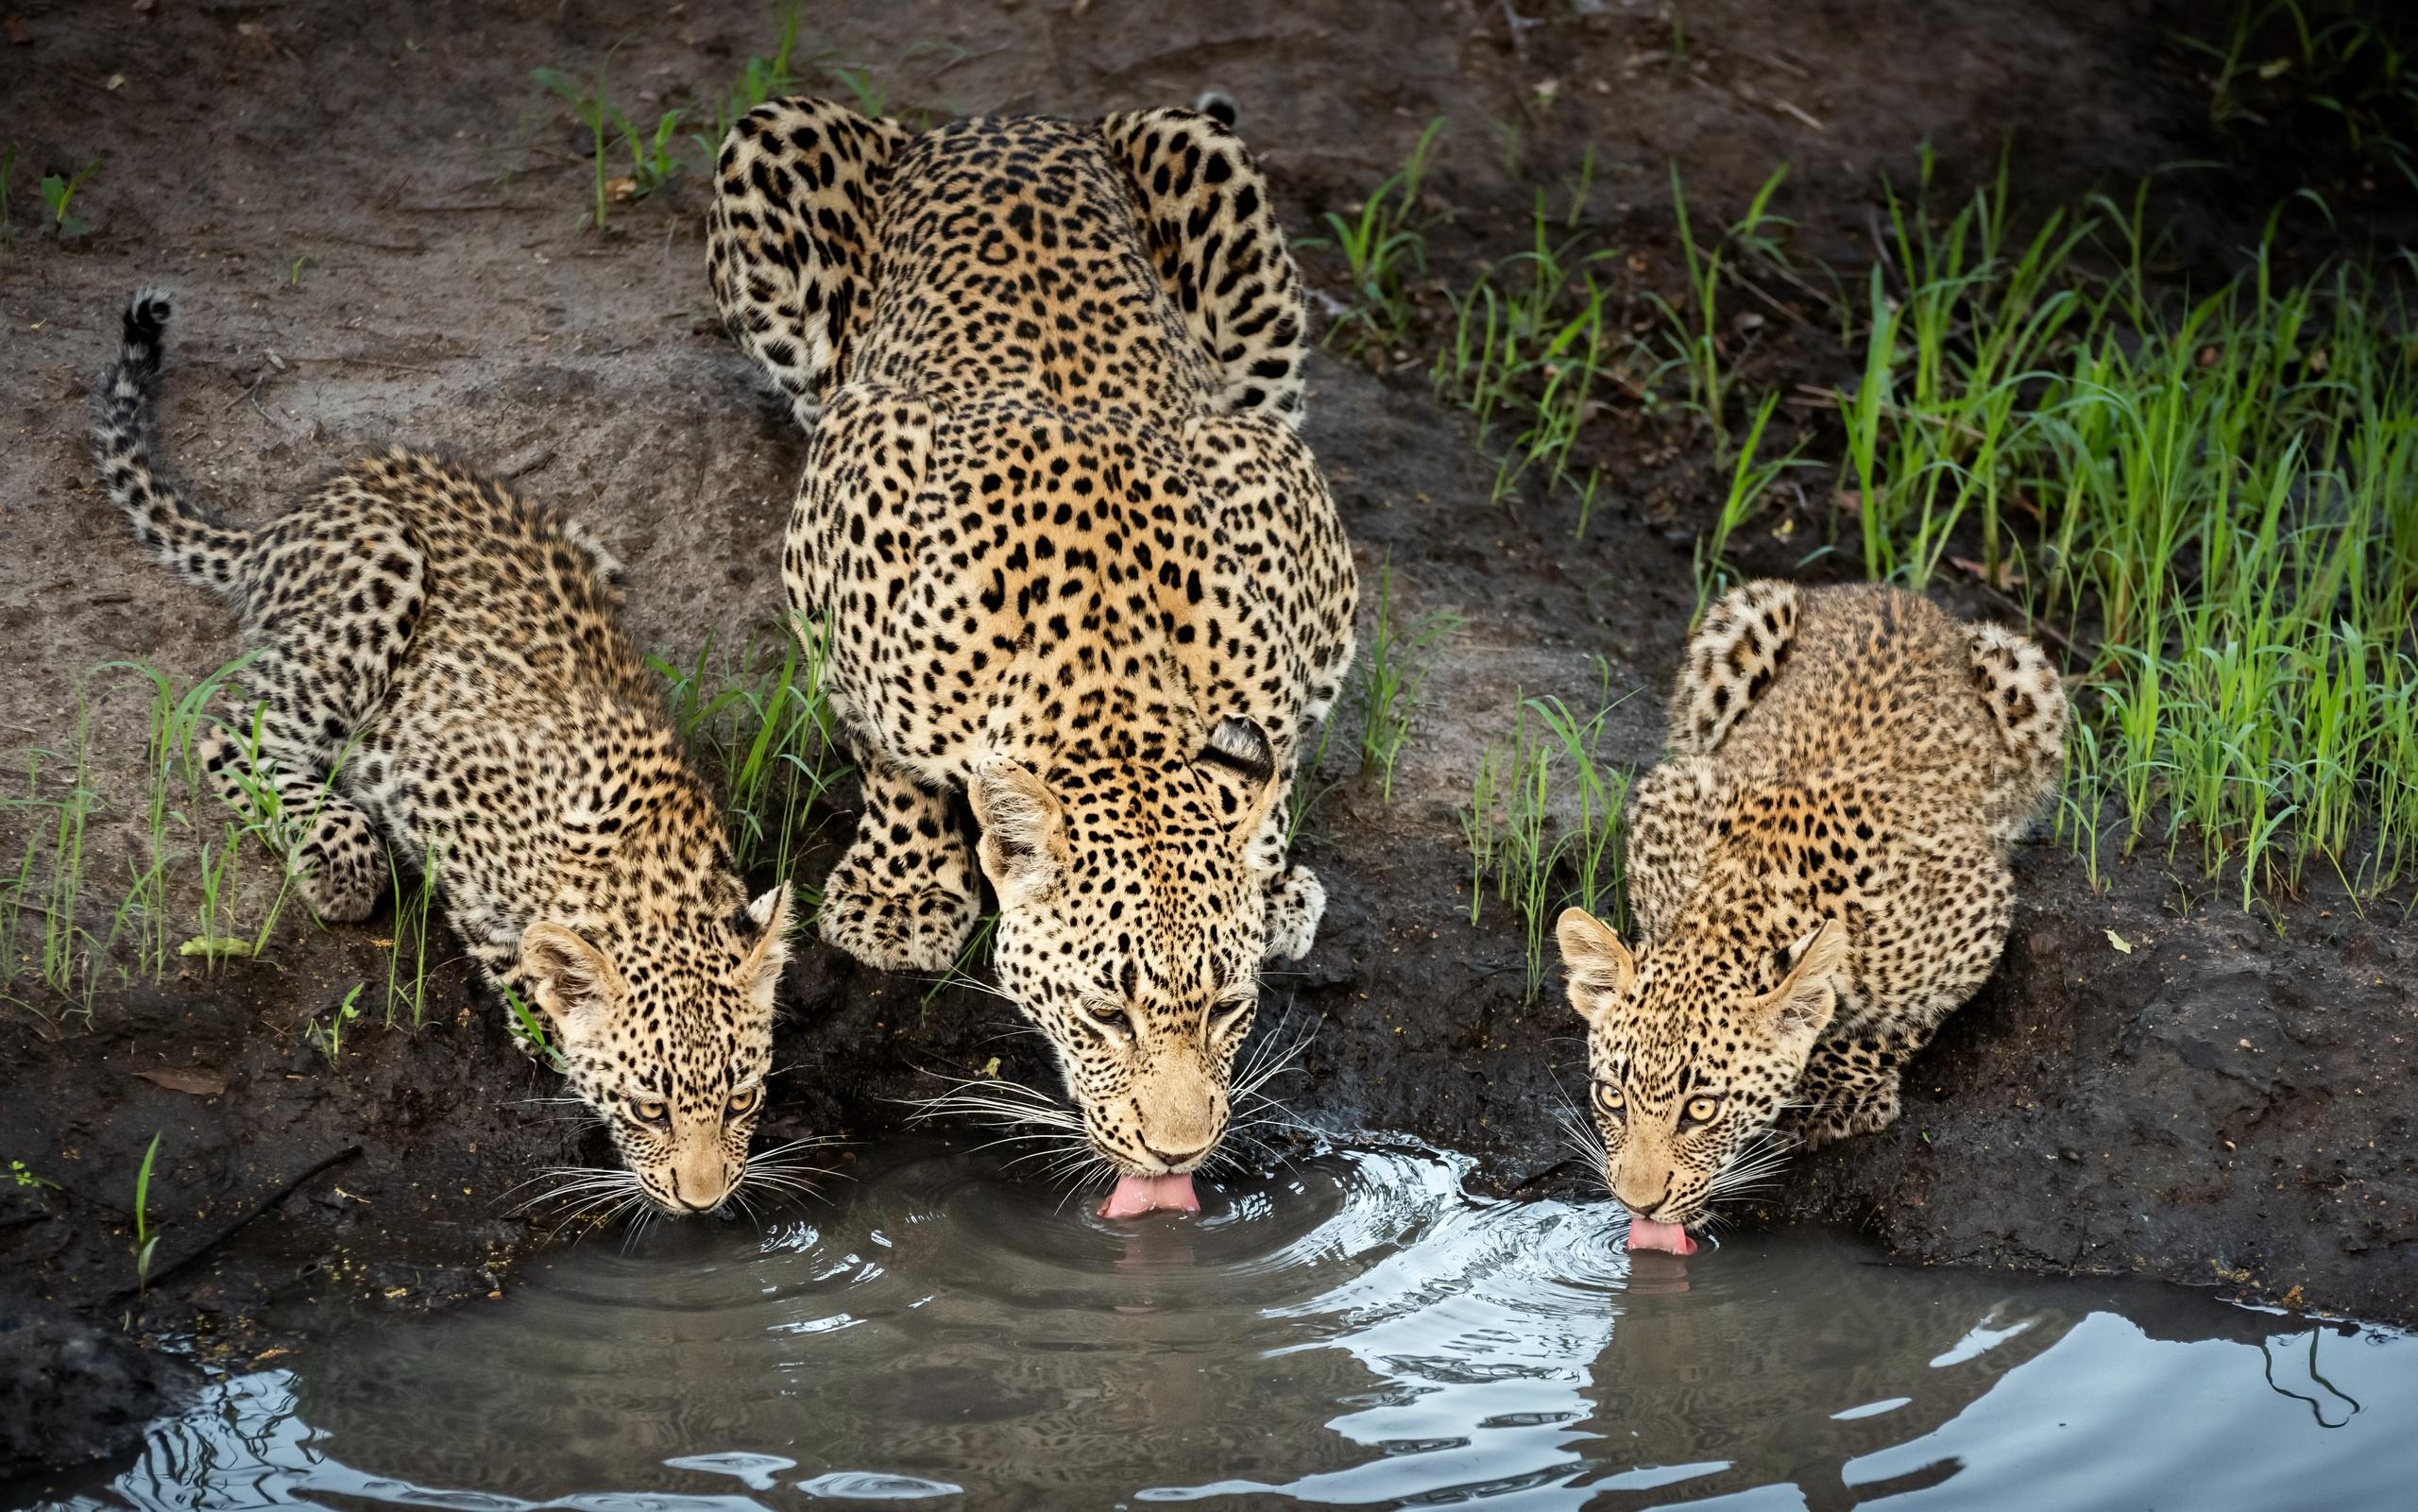 Картинки леопард Пьет воду Трое 3 животное Леопарды три втроем Животные